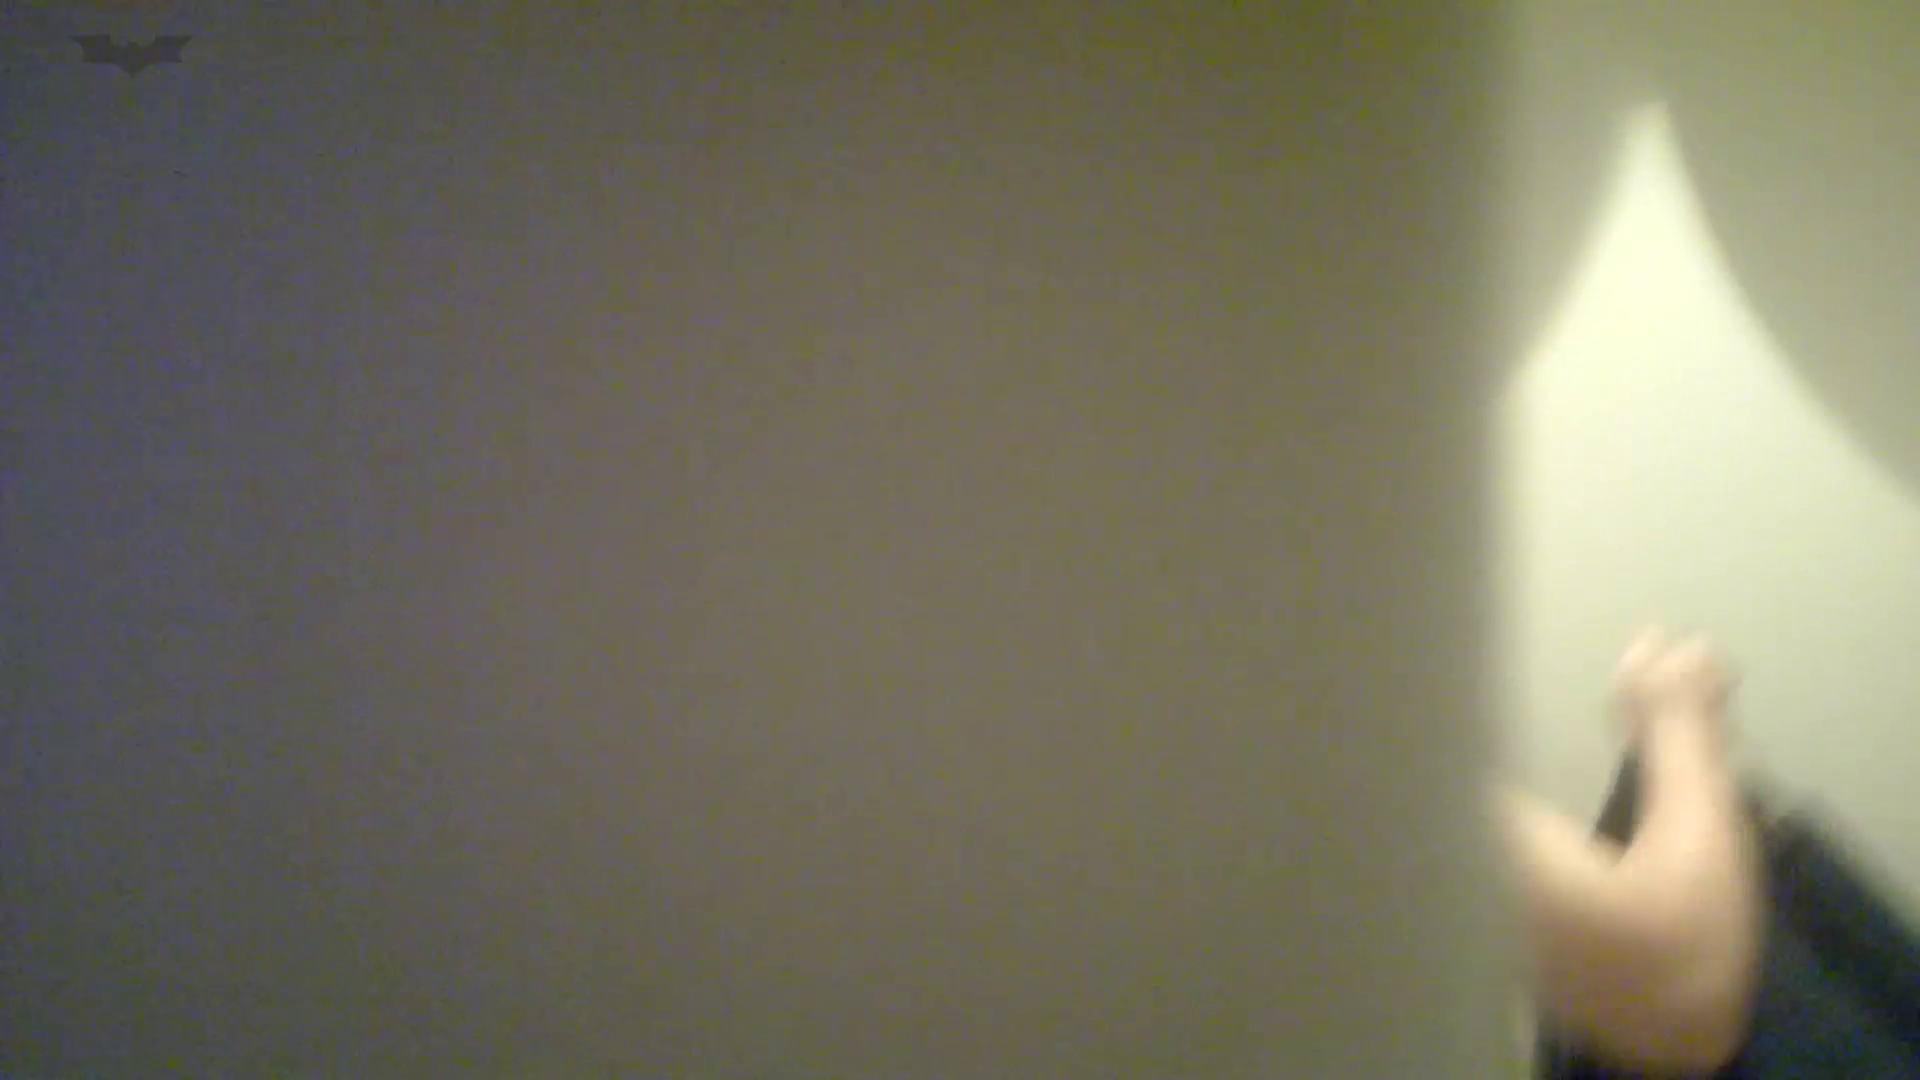 有名大学女性洗面所 vol.50 個室には3つの「目」があるみたいです。 排泄 セックス画像 53PIX 35